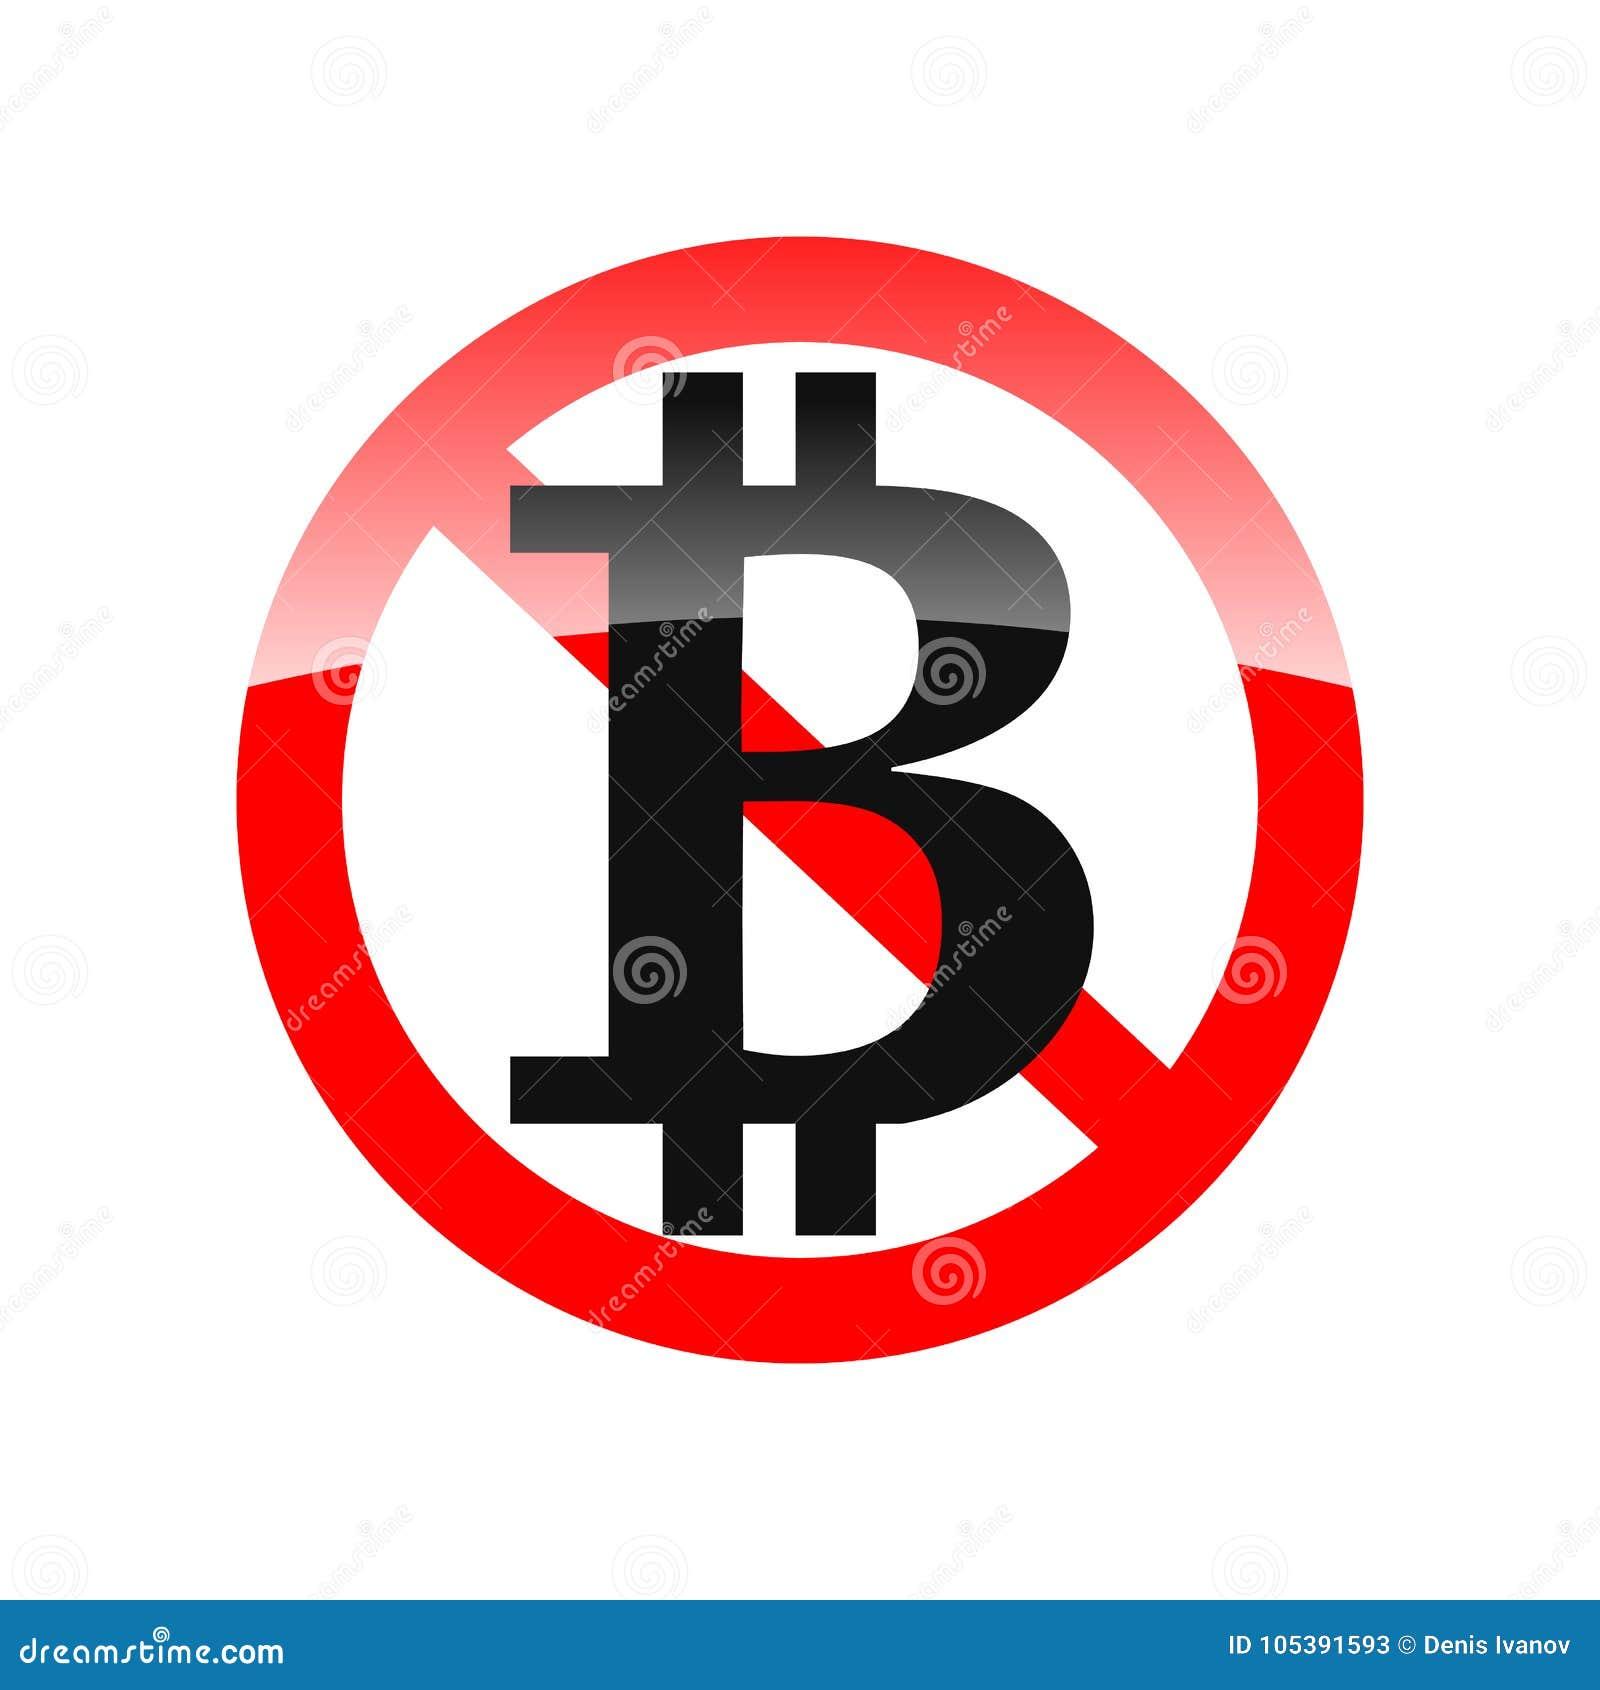 Das Vektor-Zeichen - bitcoin verbot - verboten, um zu verwenden - beschriften Sie B